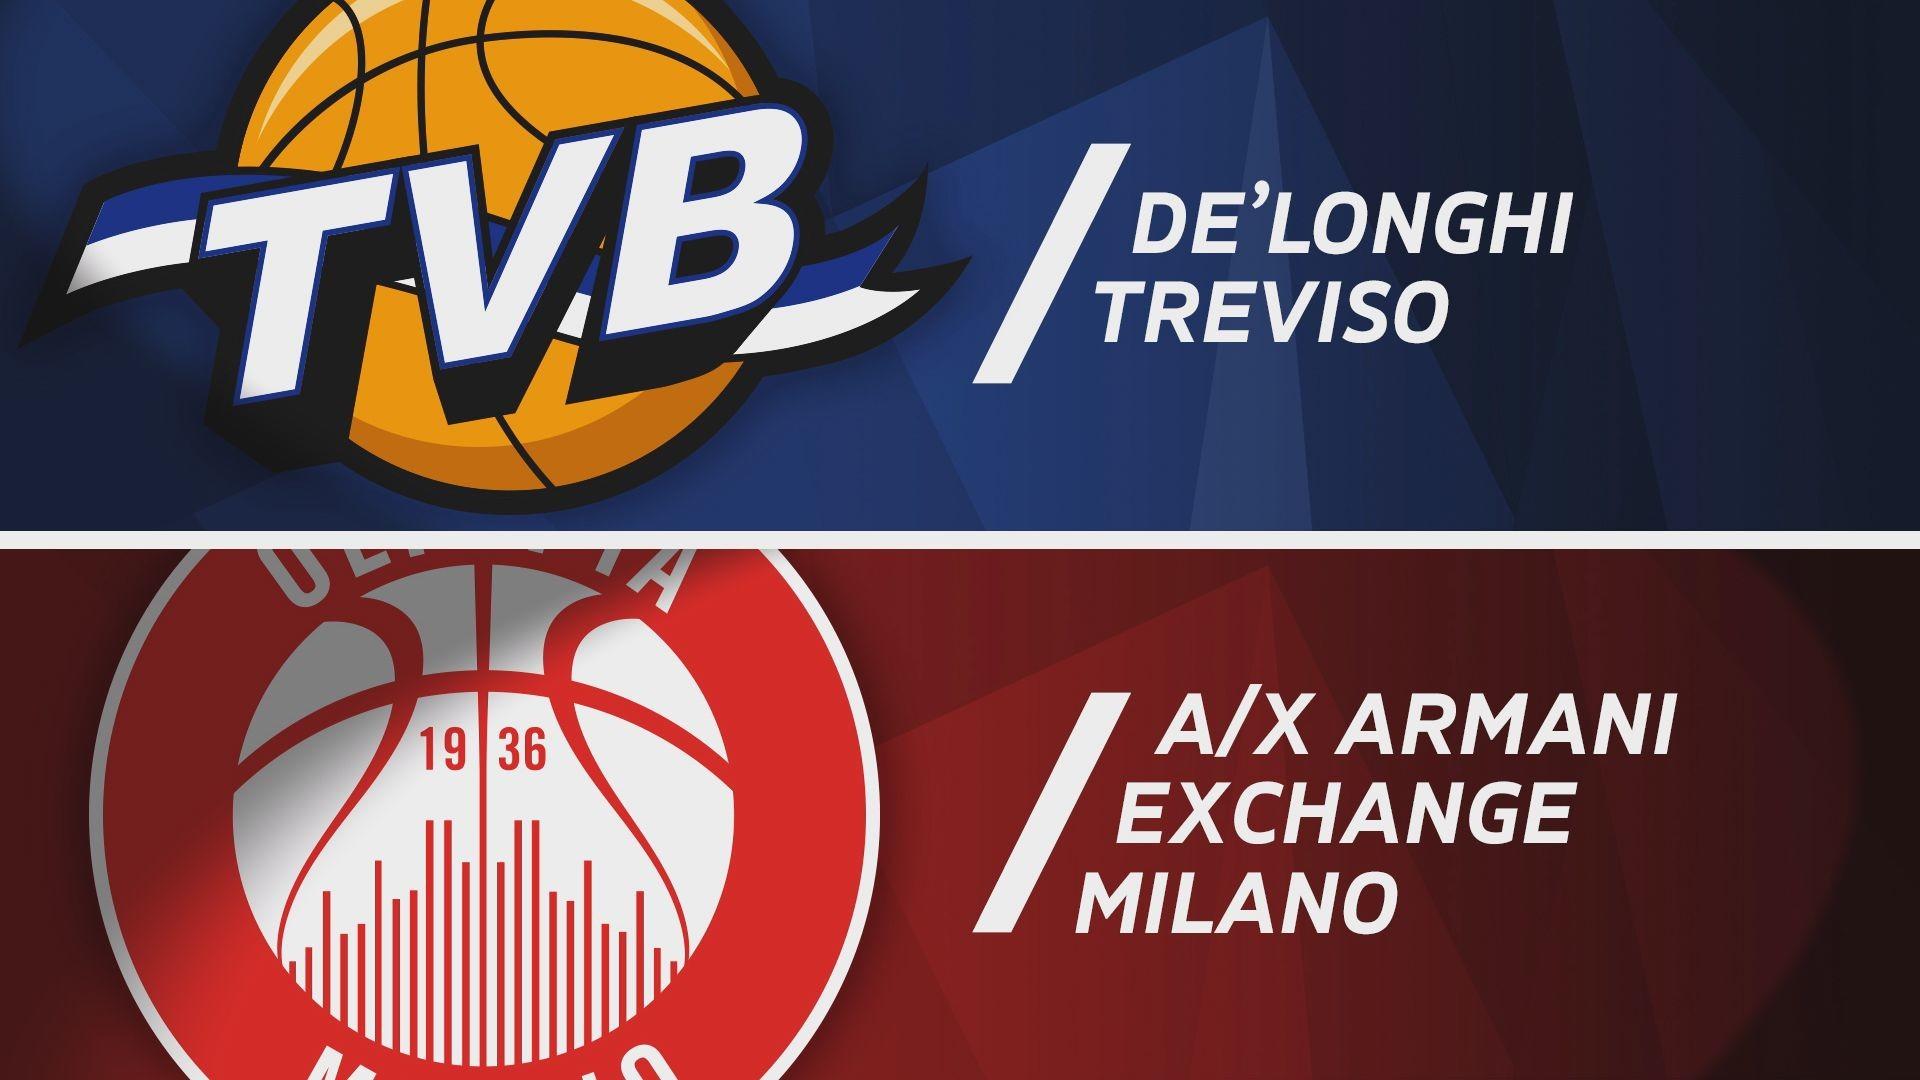 De'Longhi Treviso - A|X Armani Exchange Milano 77-82